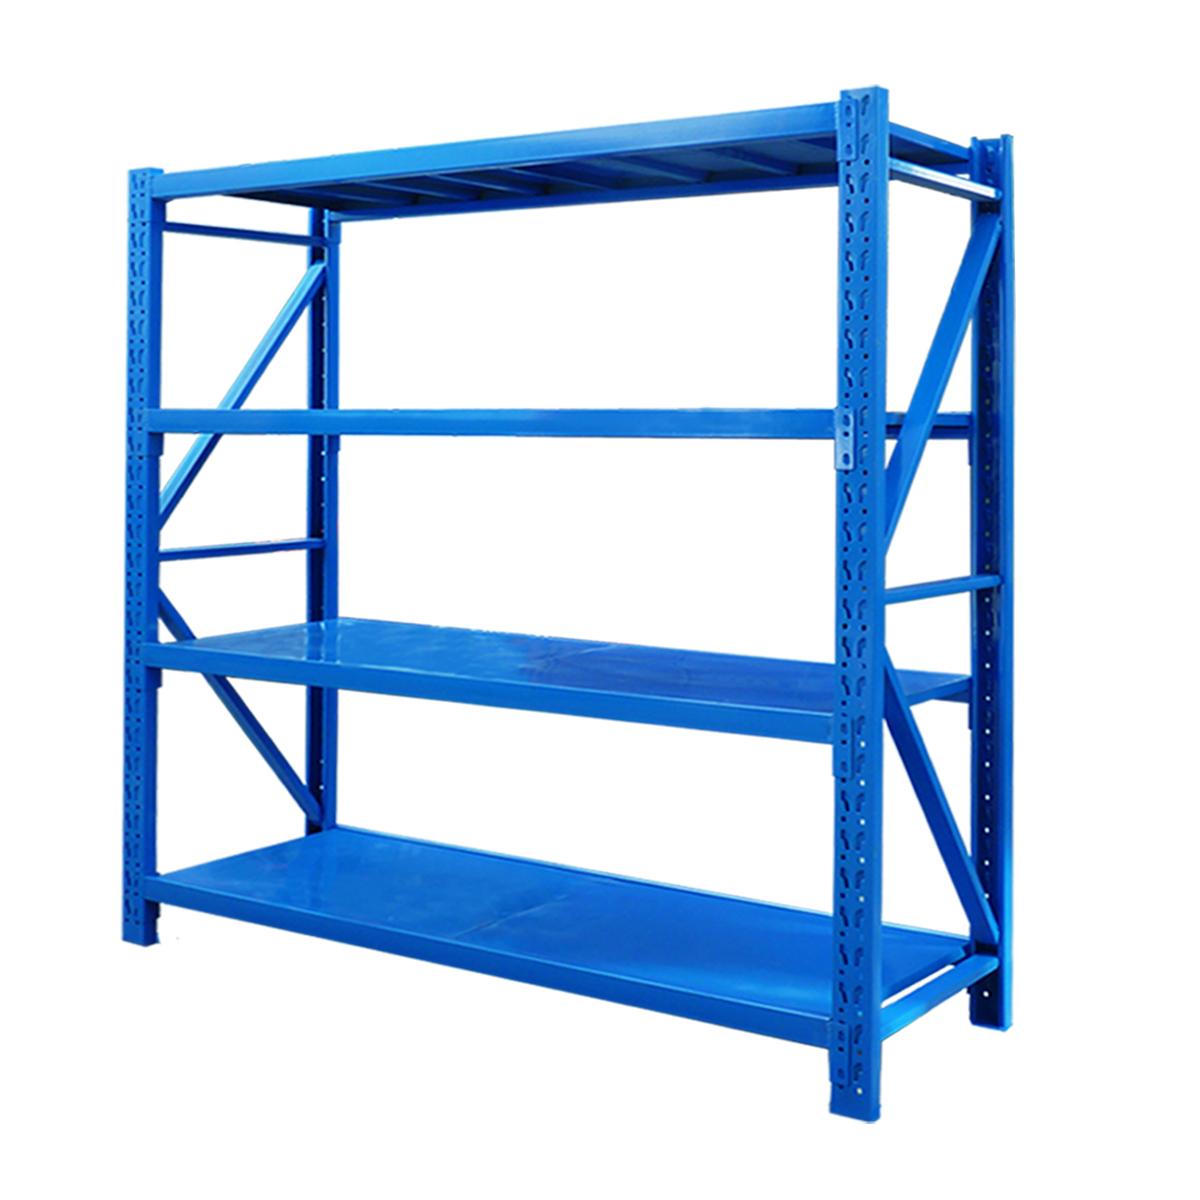 仓库货架置物架多层货架仓储藏室货架展示架自由组合家用轻铁架子